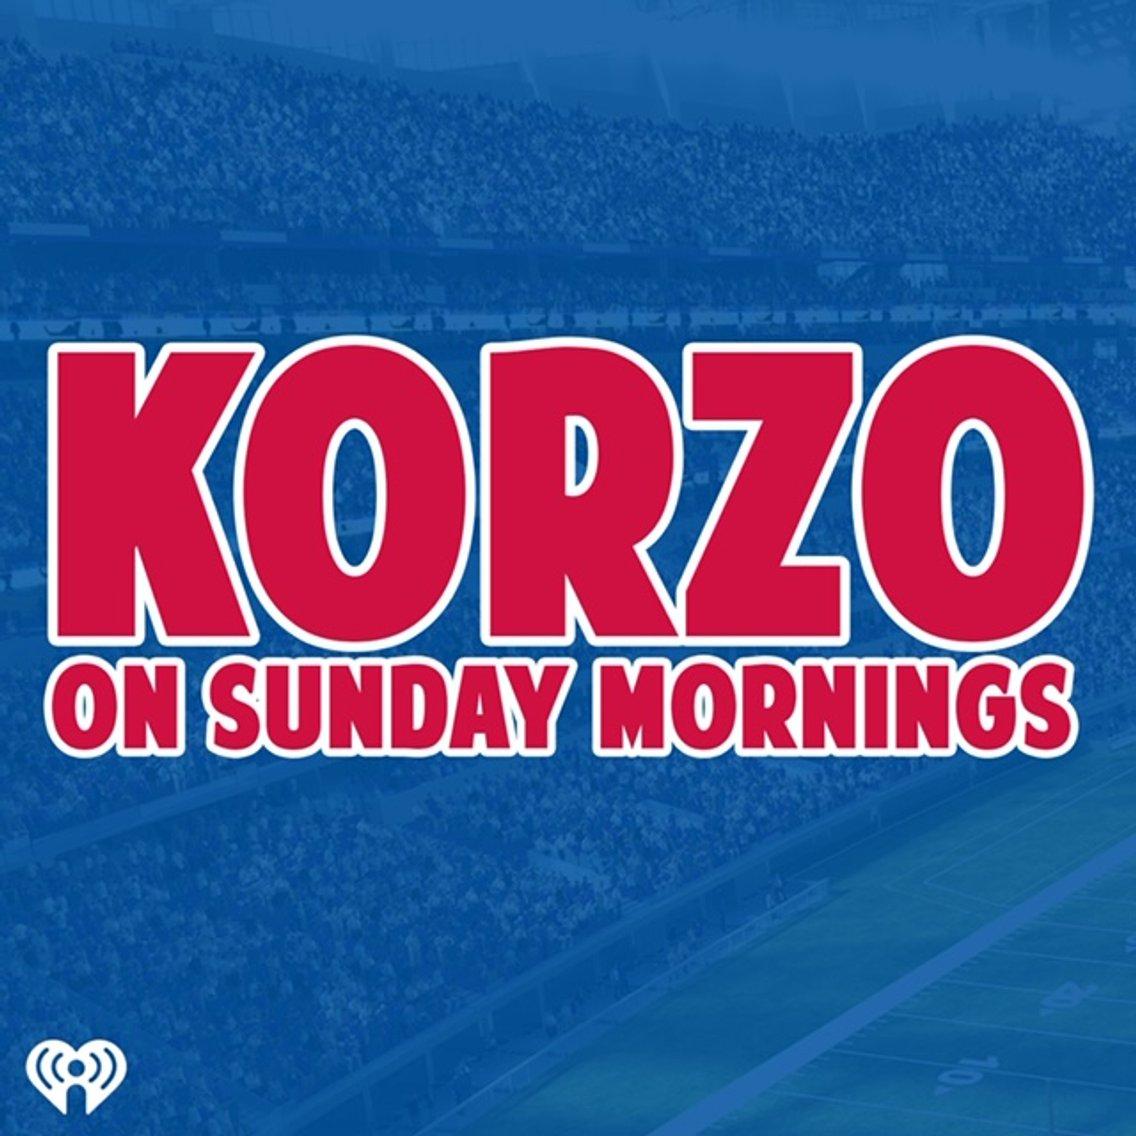 Korzo On Sunday Mornings - Cover Image